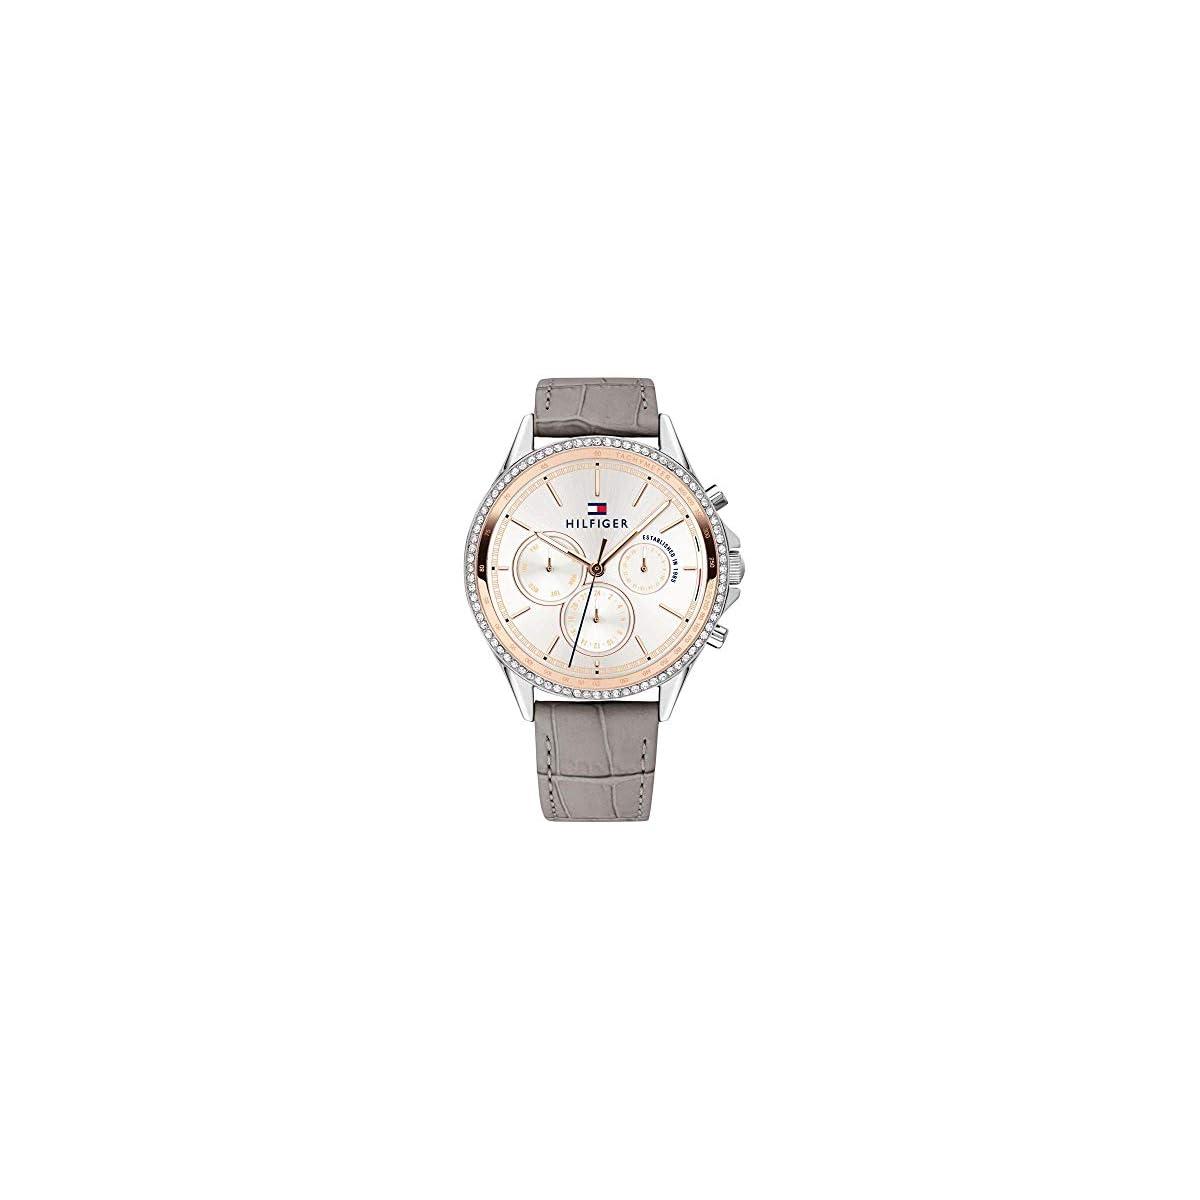 41XbRyEbGpL. SS1200  - Tommy Hilfiger Reloj Multiesfera para Mujer de Cuarzo con Correa en Cuero 1781980